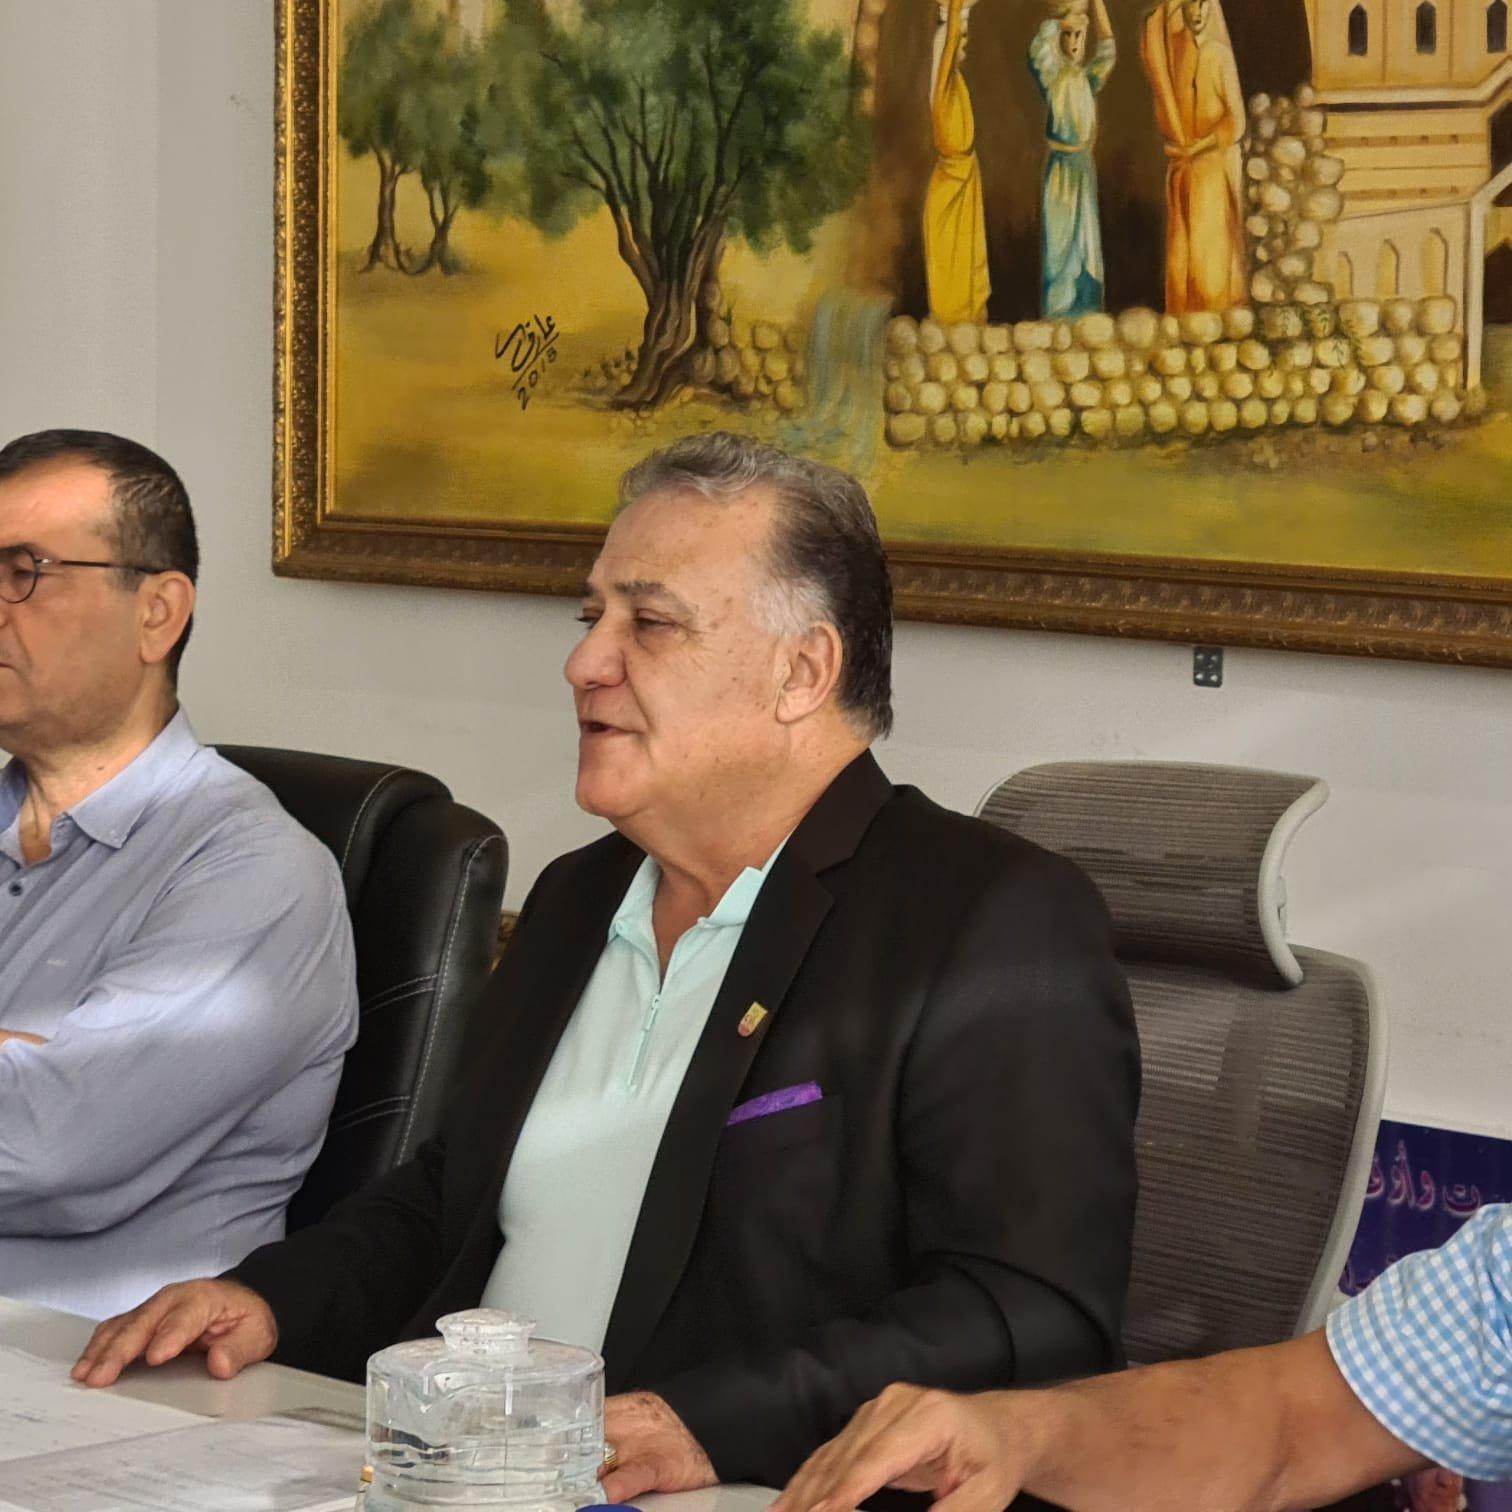 علي سلام يفتتح جلسة بلدية الناصرة بمهاجمة عمليات البيع: عمليات غير نظيفة.. شاهدوا الفيديو